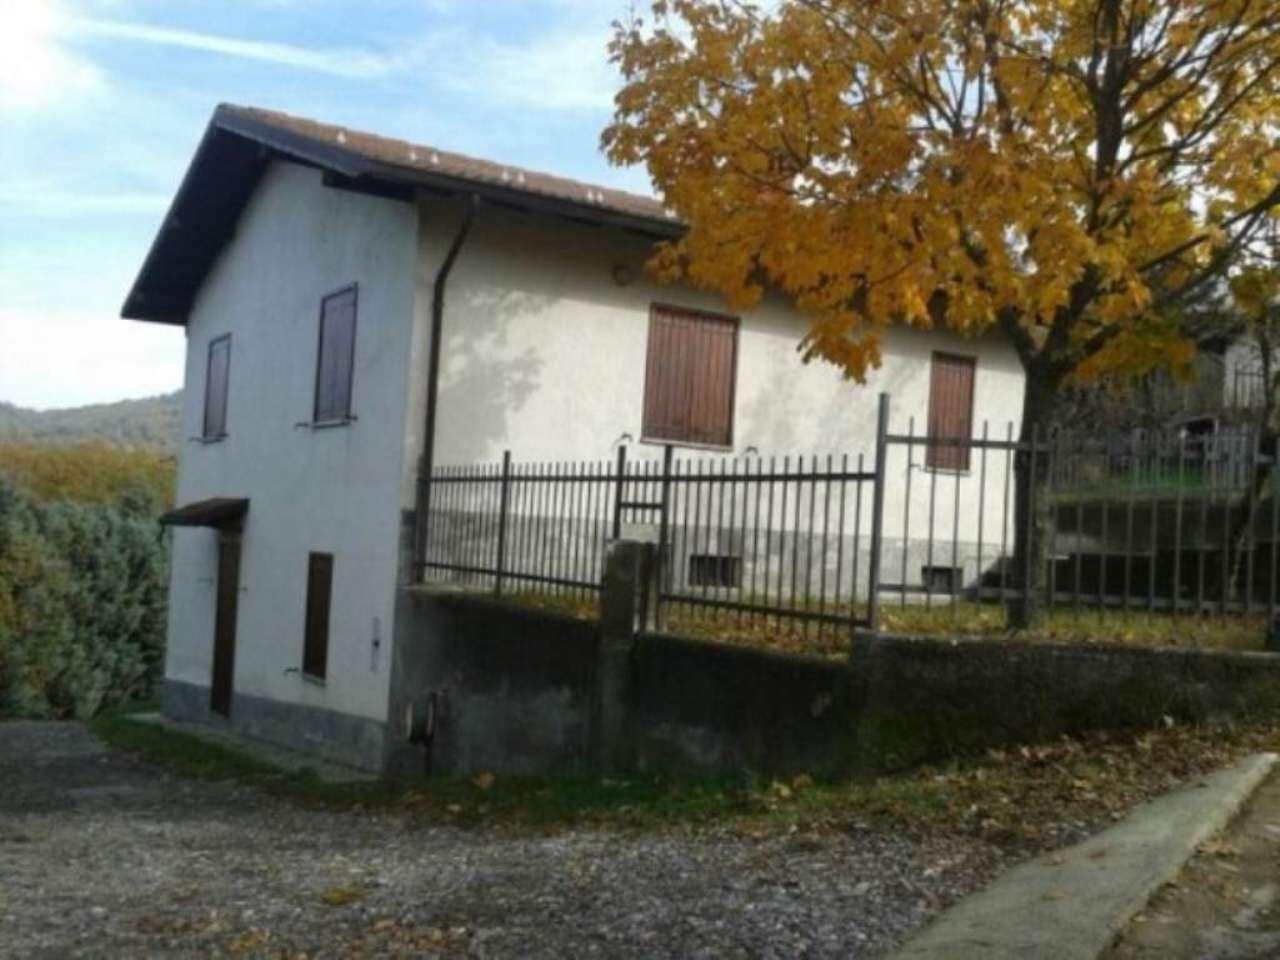 Villa in vendita a Cantalupo Ligure, 6 locali, prezzo € 200.000 | Cambio Casa.it